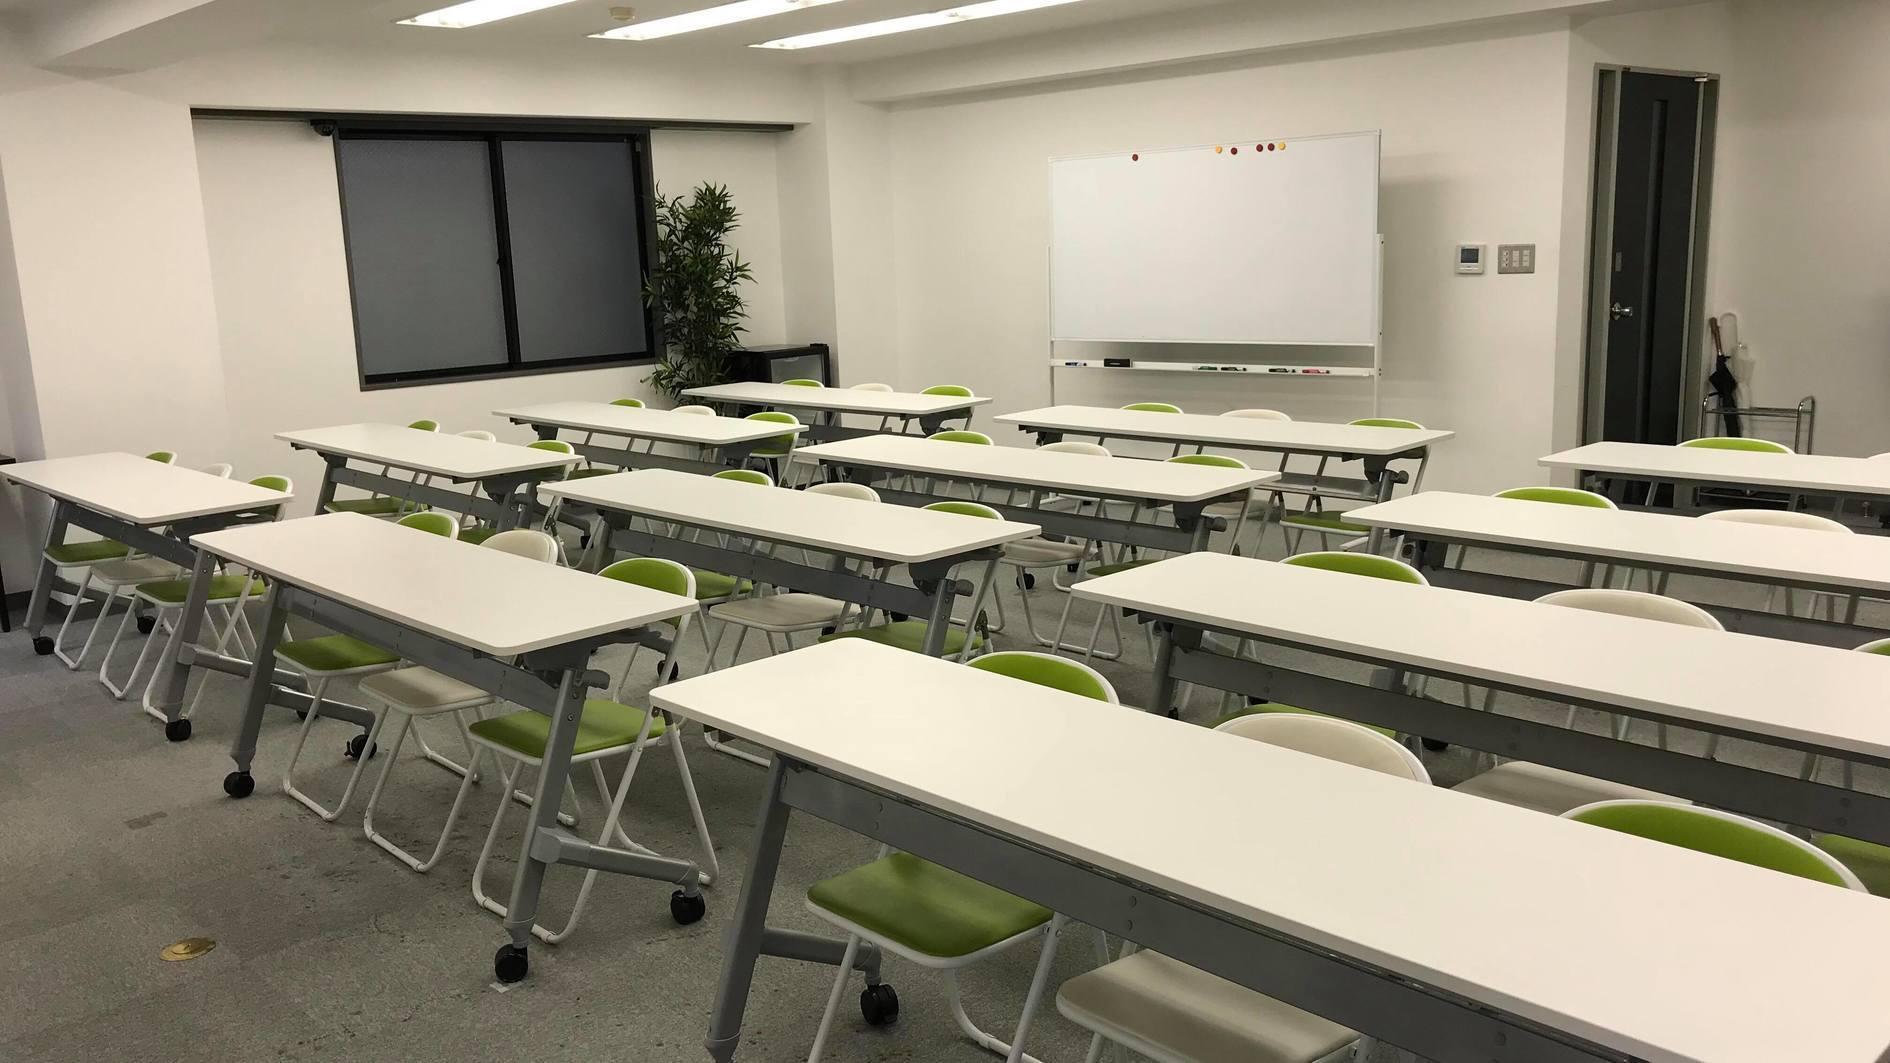 【24時間可】渋谷駅徒歩5分 プロジェクター・スクリーン・ホワイトボード完備の36名着席可能な自然光が入る会議室(Jマッチ・第2研修ルーム6F) の写真0